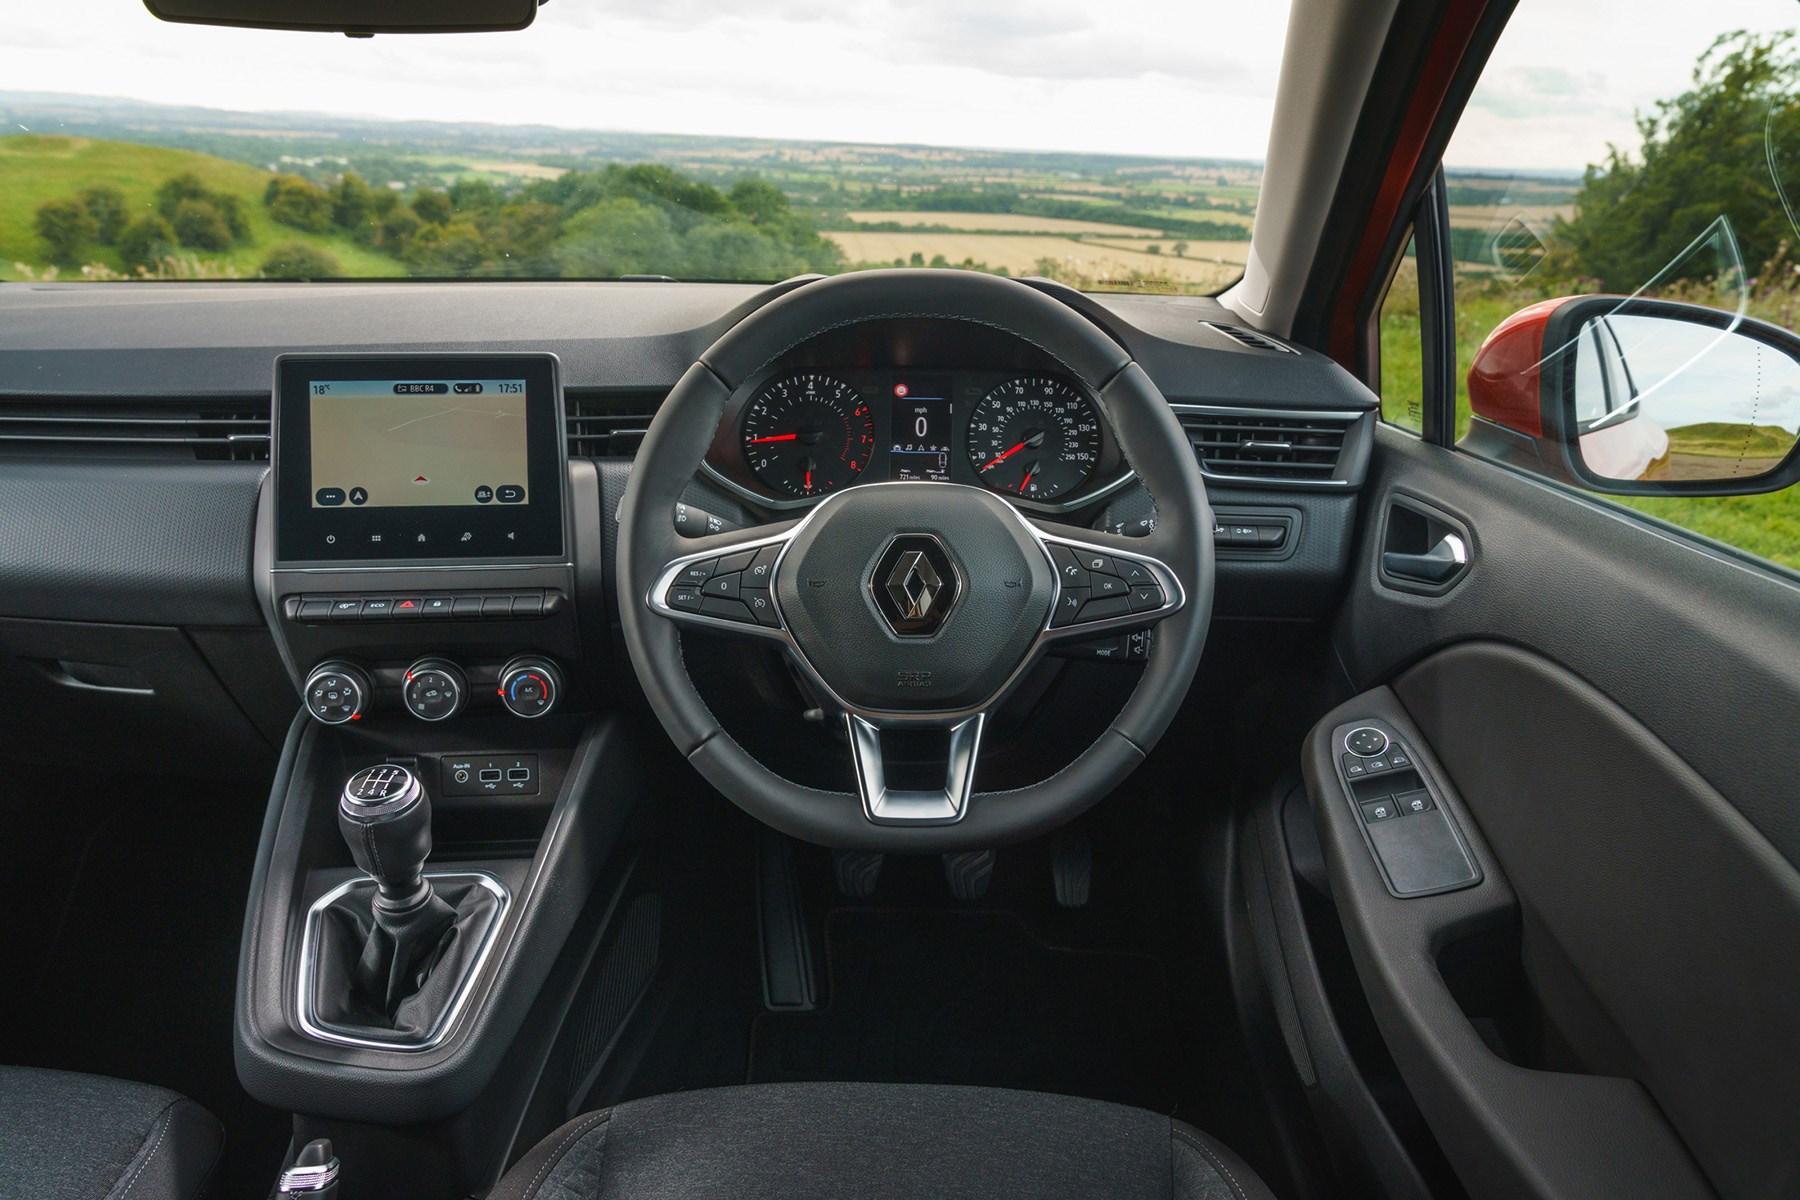 Renault Clio interior 2019